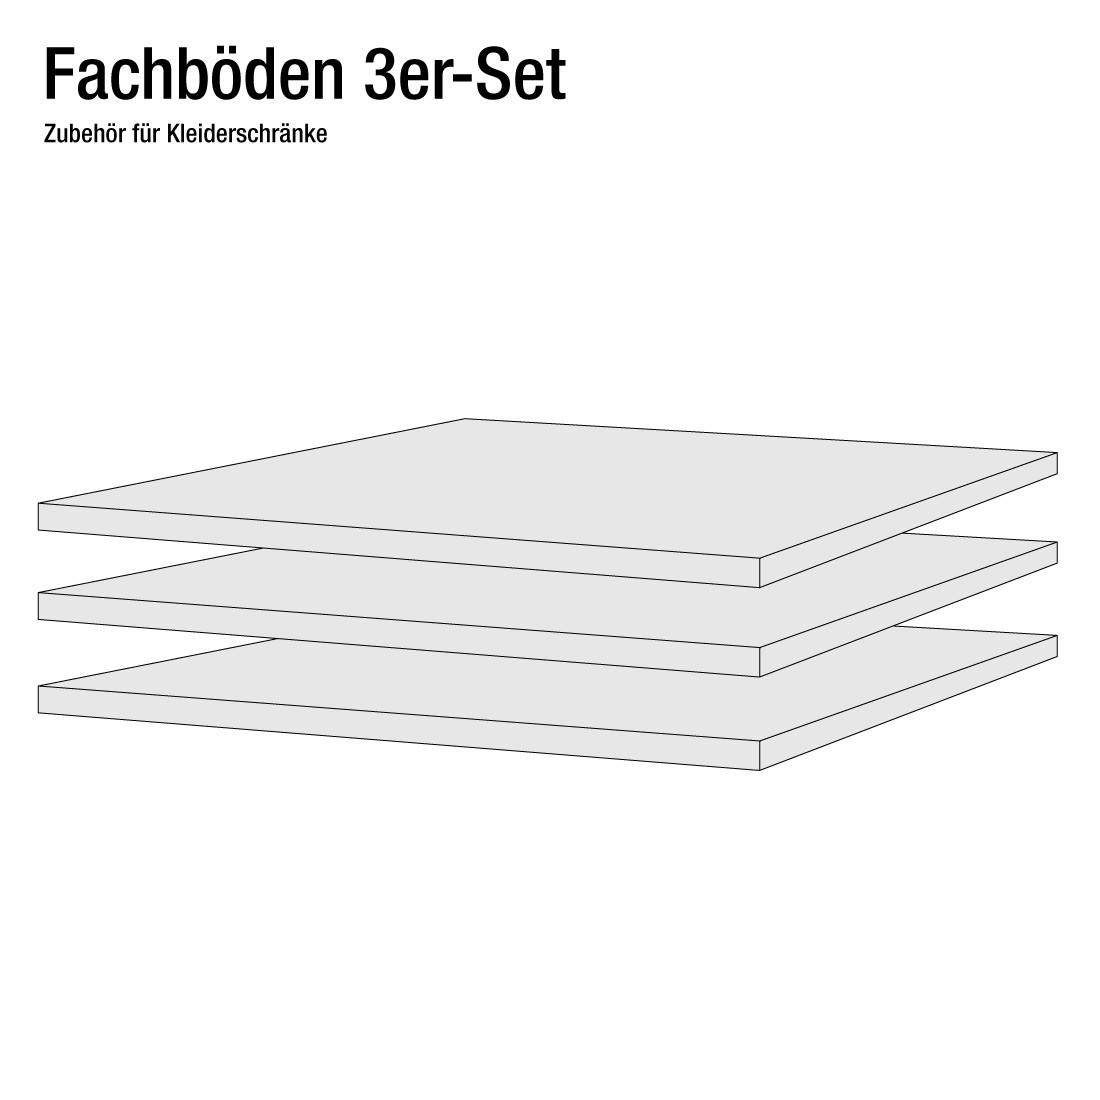 50er Fachboden (3er-Set) - fresh to go